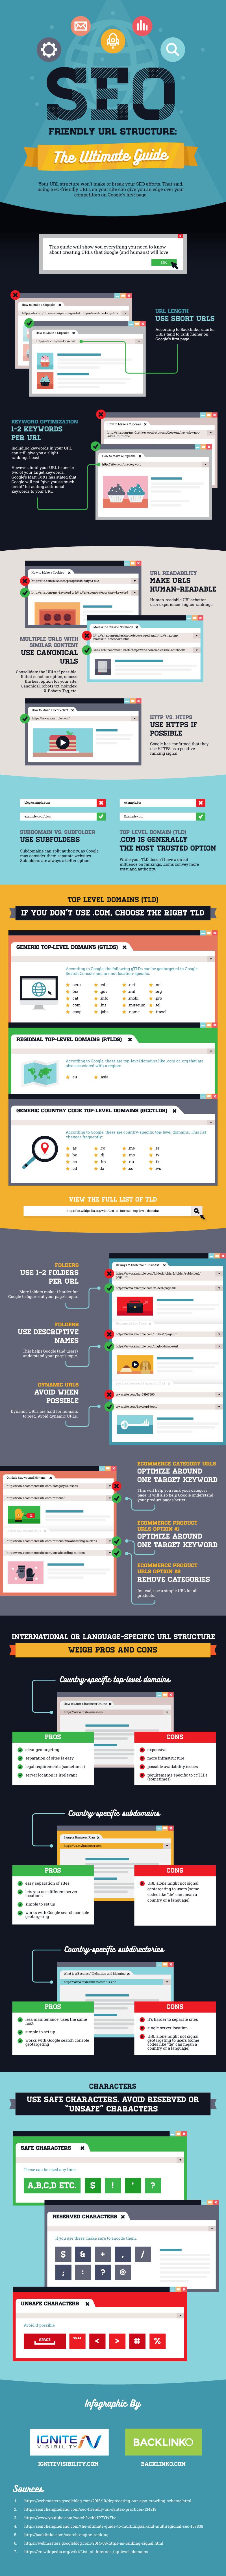 infographie sur l'optimisation des URLs en SEO